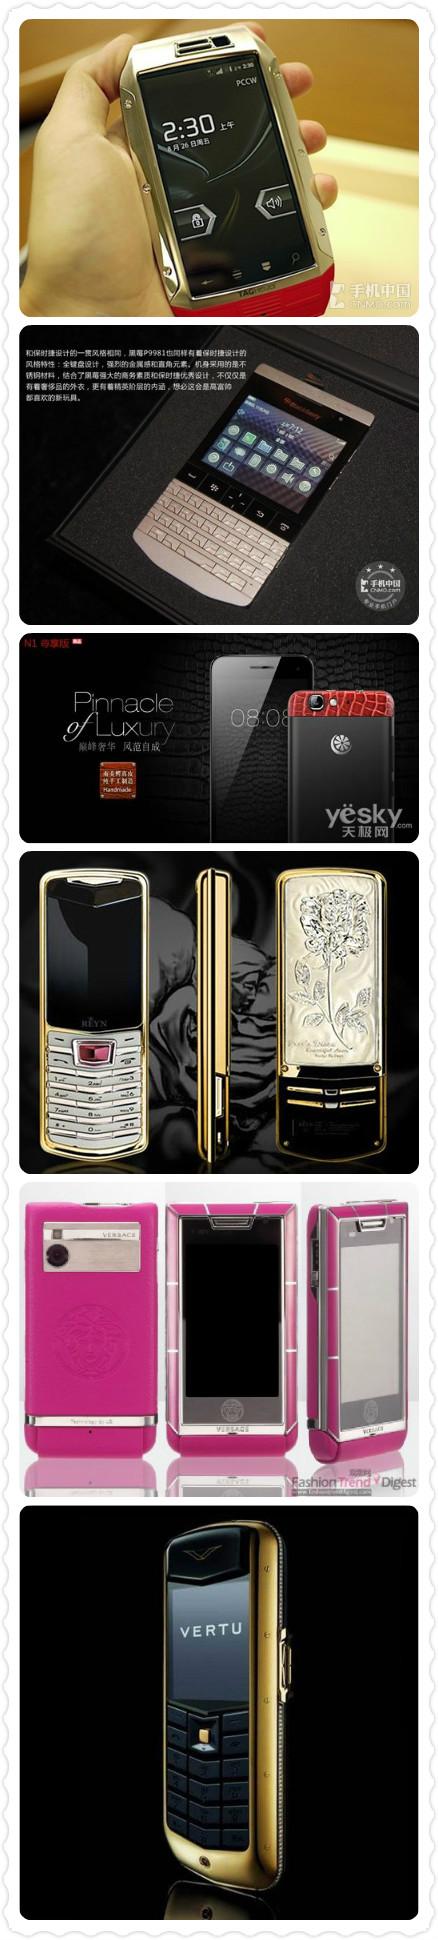 奢侈品手机卷土重来,薇卡(veaka)能否成为逆天土豪?